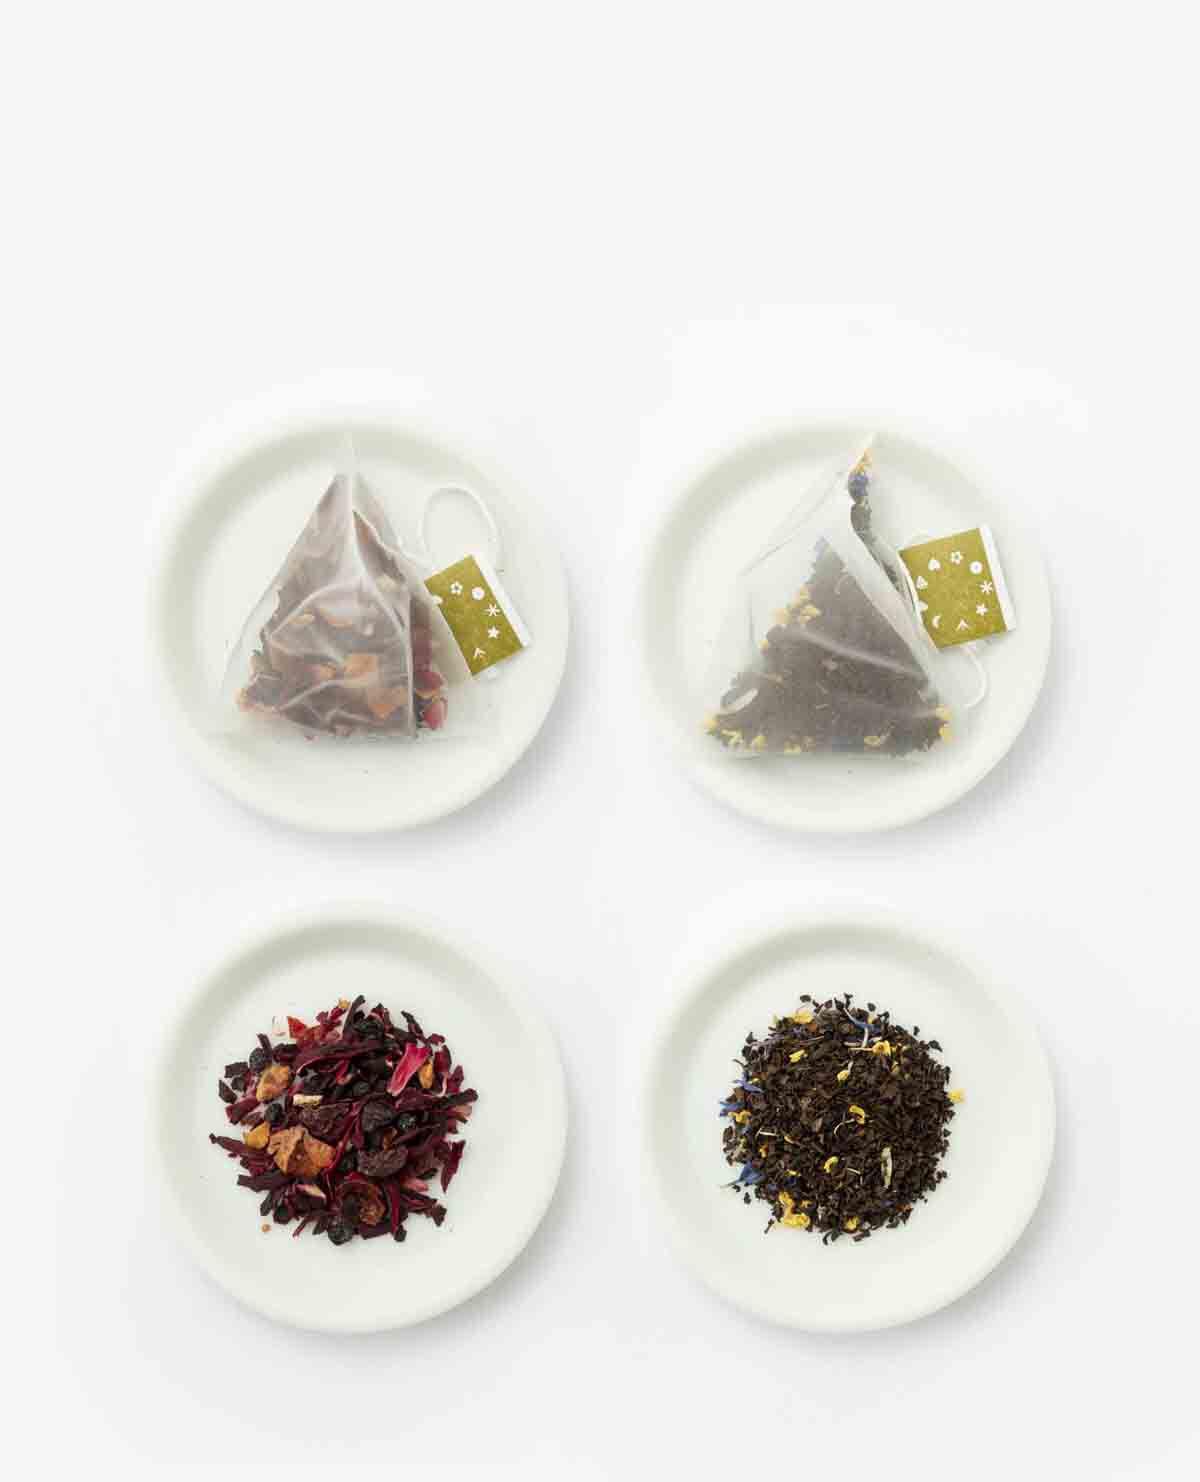 紅茶2種セット Diaries 7th&21stカフェインレスティーギフト